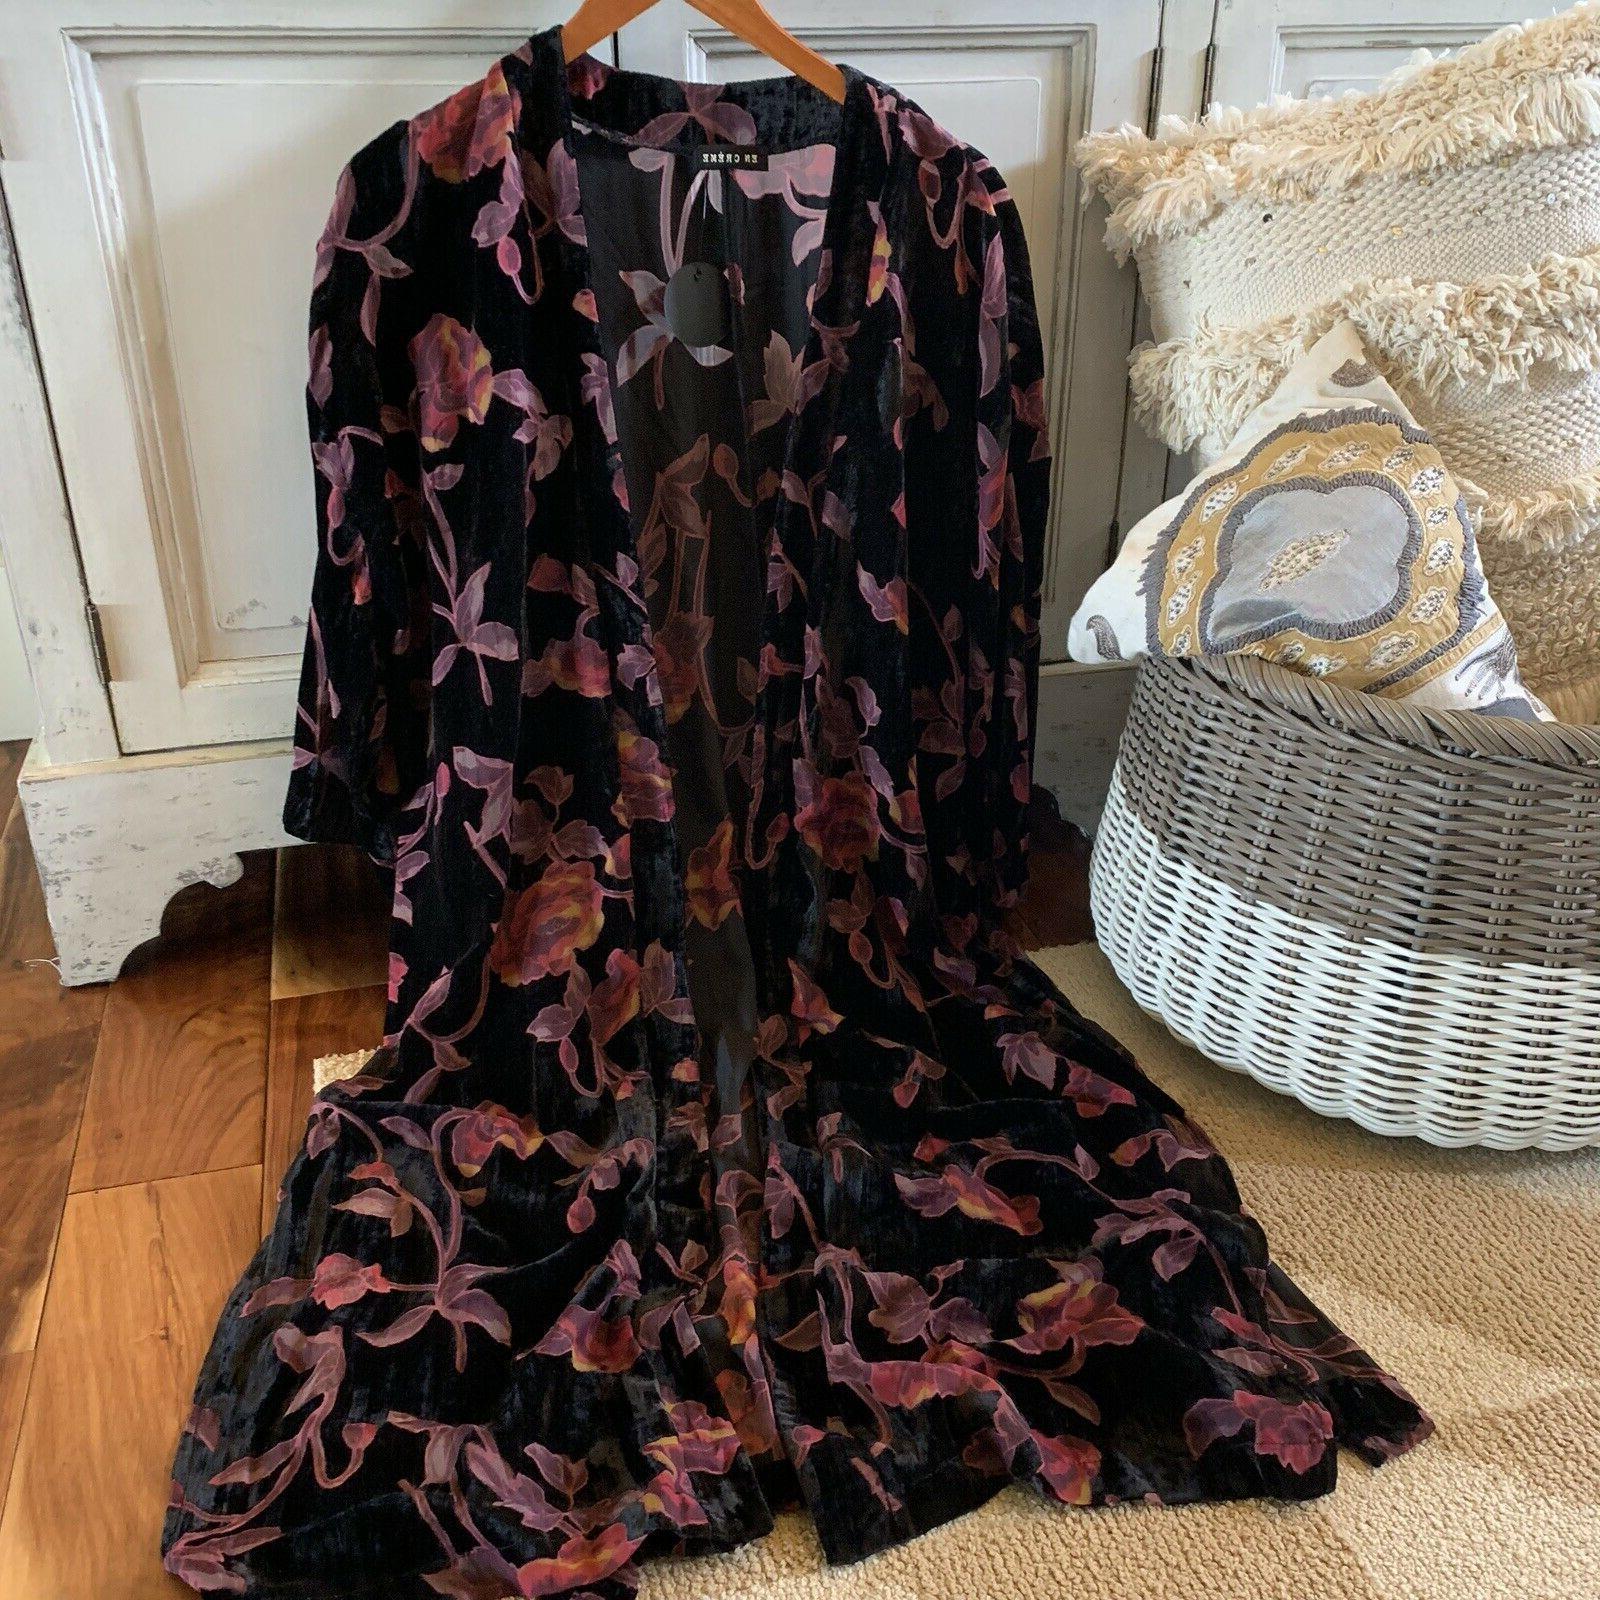 2X NWT Boutique Size Black Long Maxi Kimono Duster Jacket Top